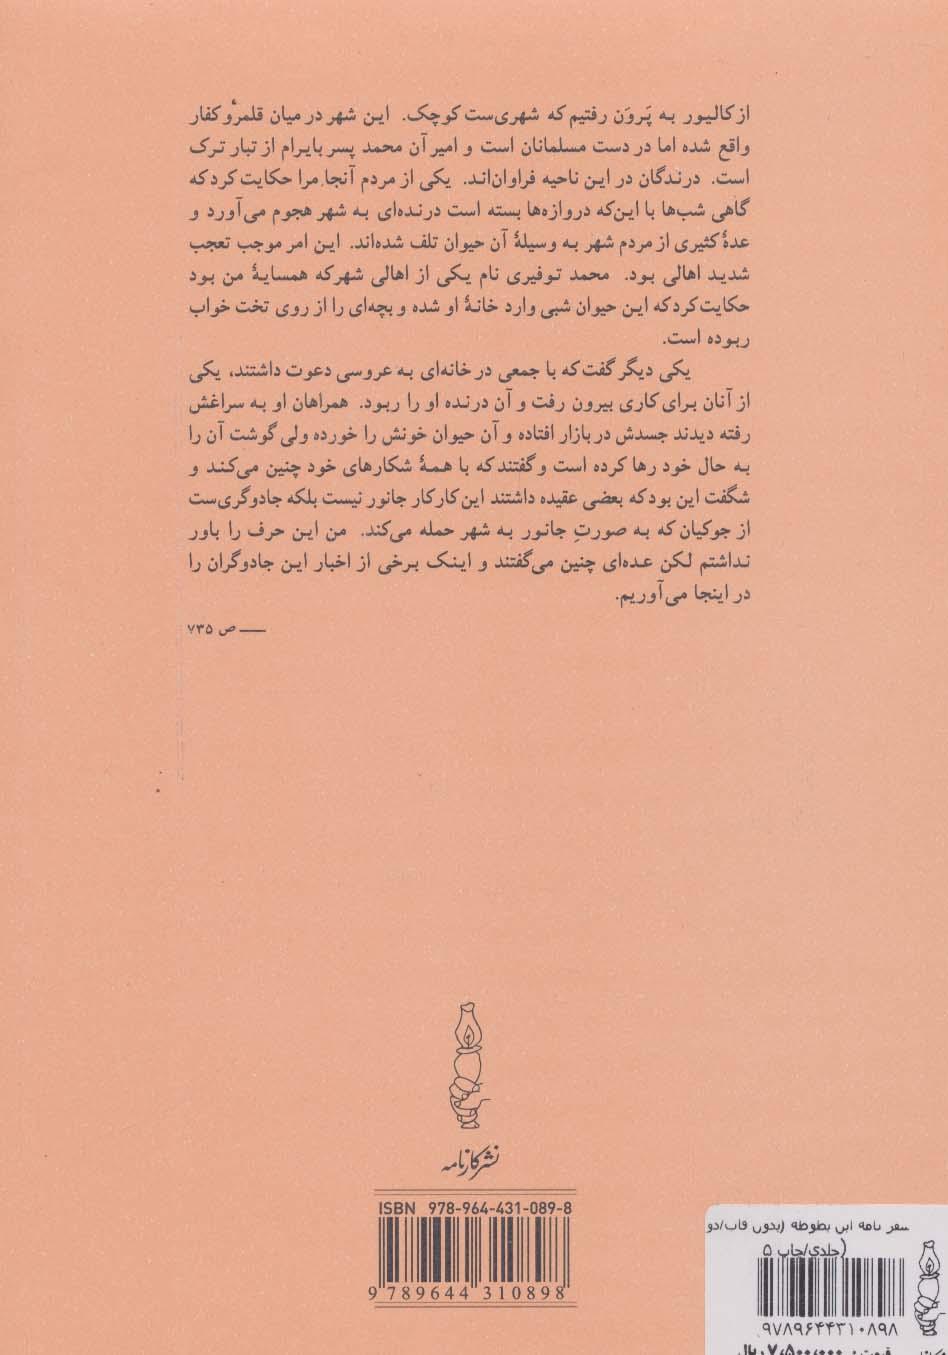 سفرنامه ابن بطوطه (2جلدی)